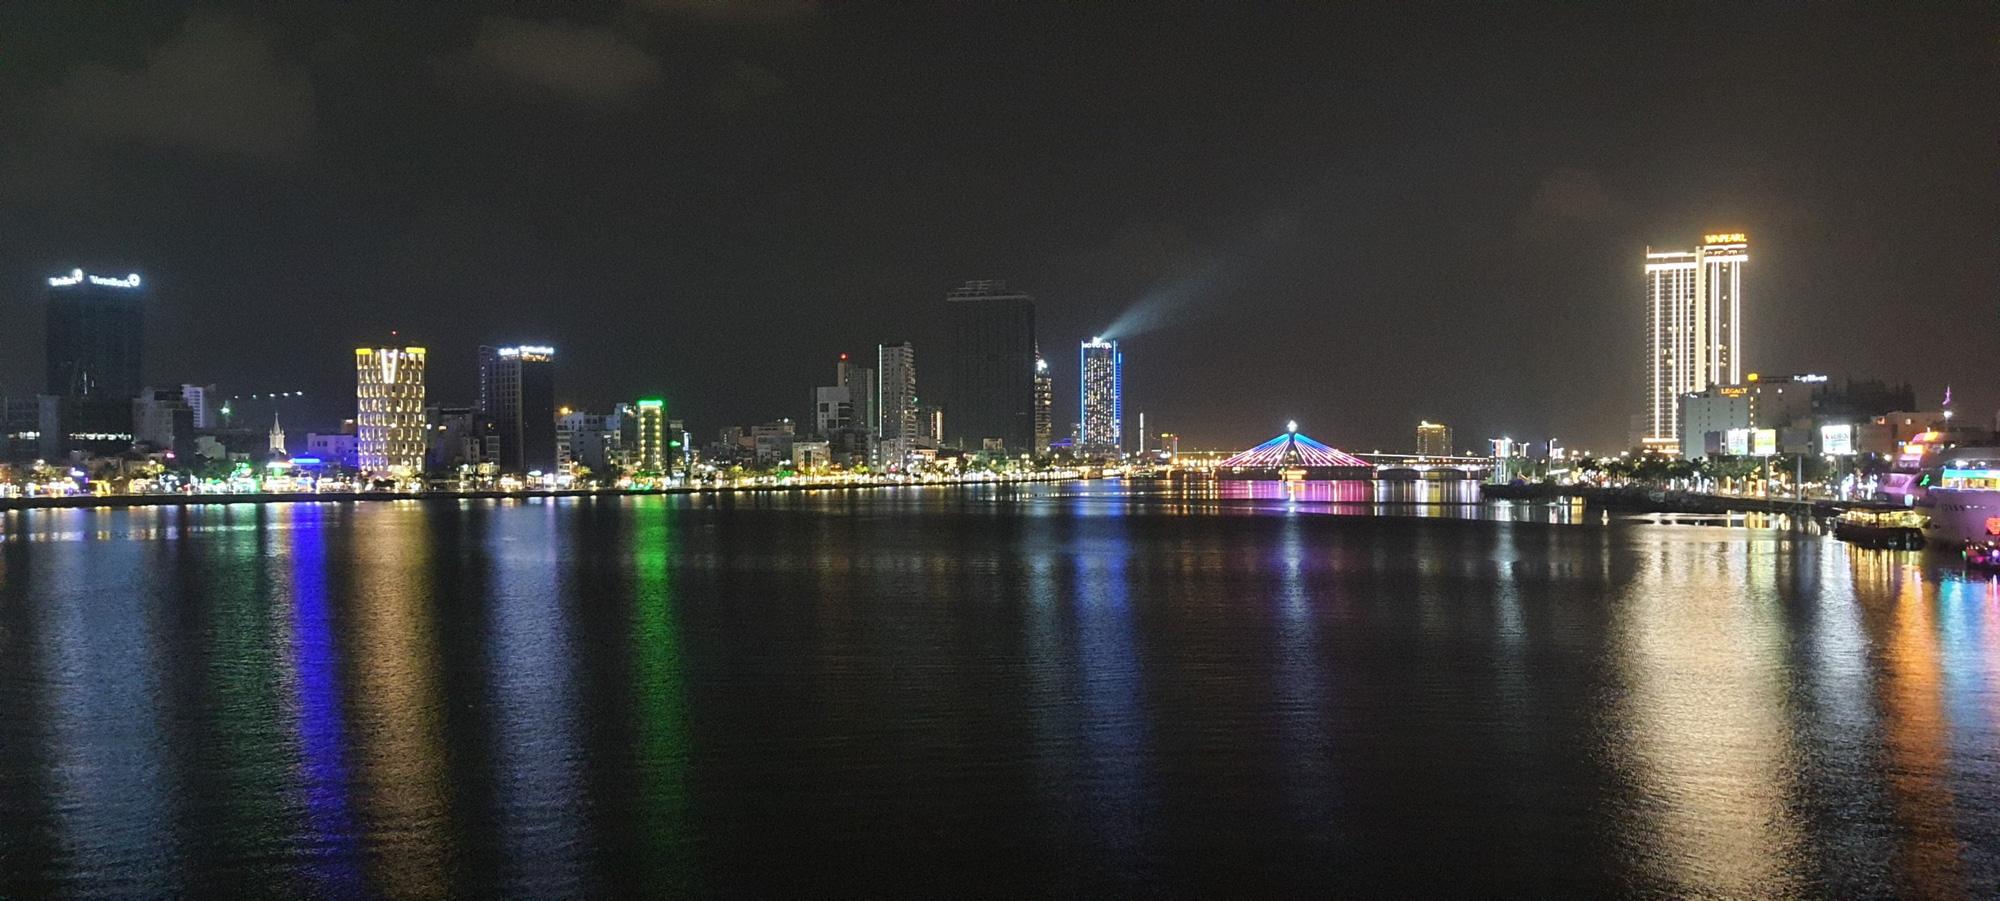 Đà Nẵng: Chợ đêm Sơn Trà – sản phẩm du lịch mới về đêm, thu hút hàng nghìn lượt khách/ngày đến tham quan mua sắm - Ảnh 3.